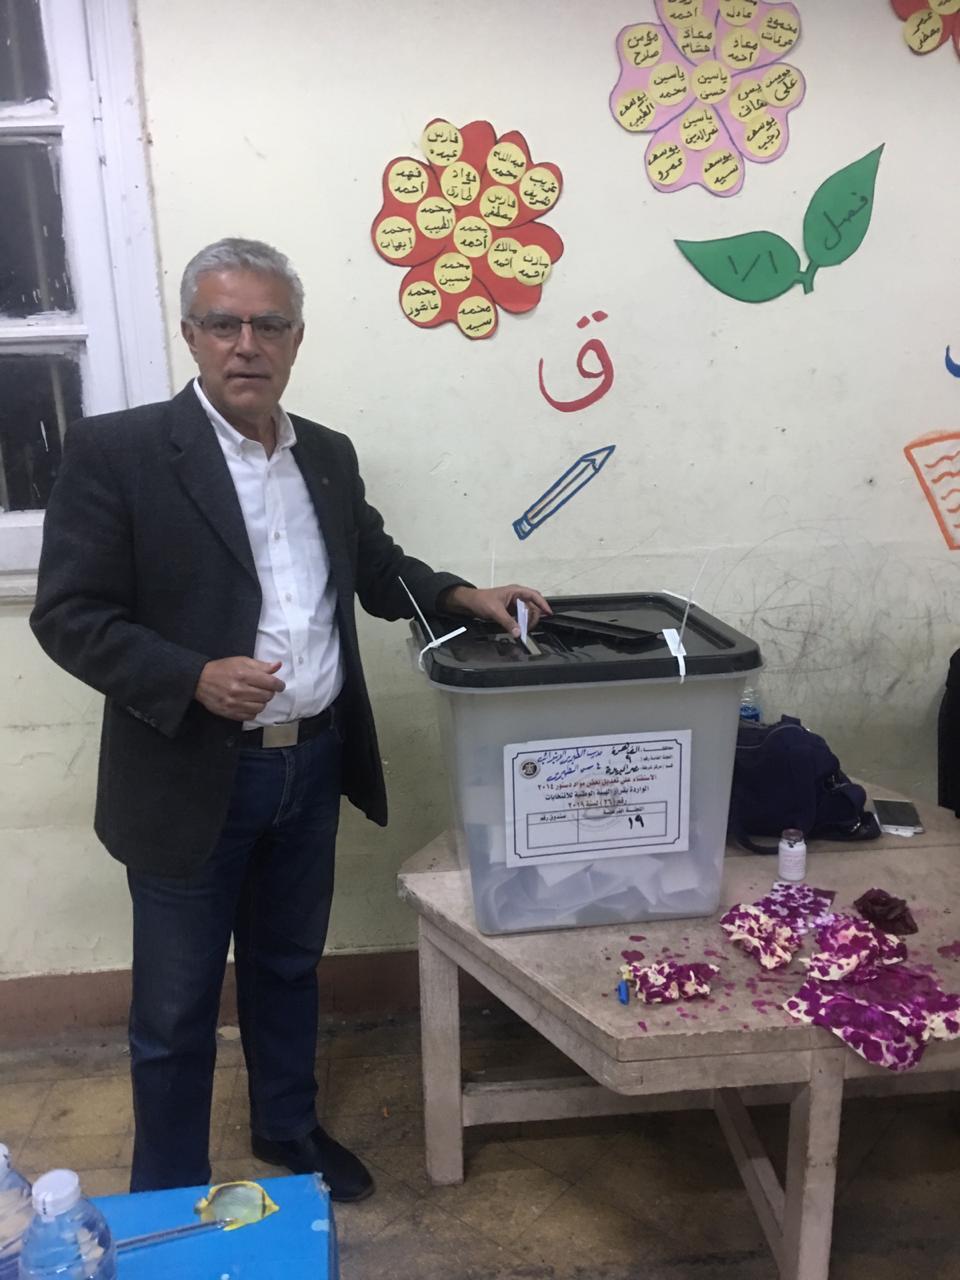 المصريون الأرمن يشاركون فى الاستفتاء على التعديلات الدستورية (1)